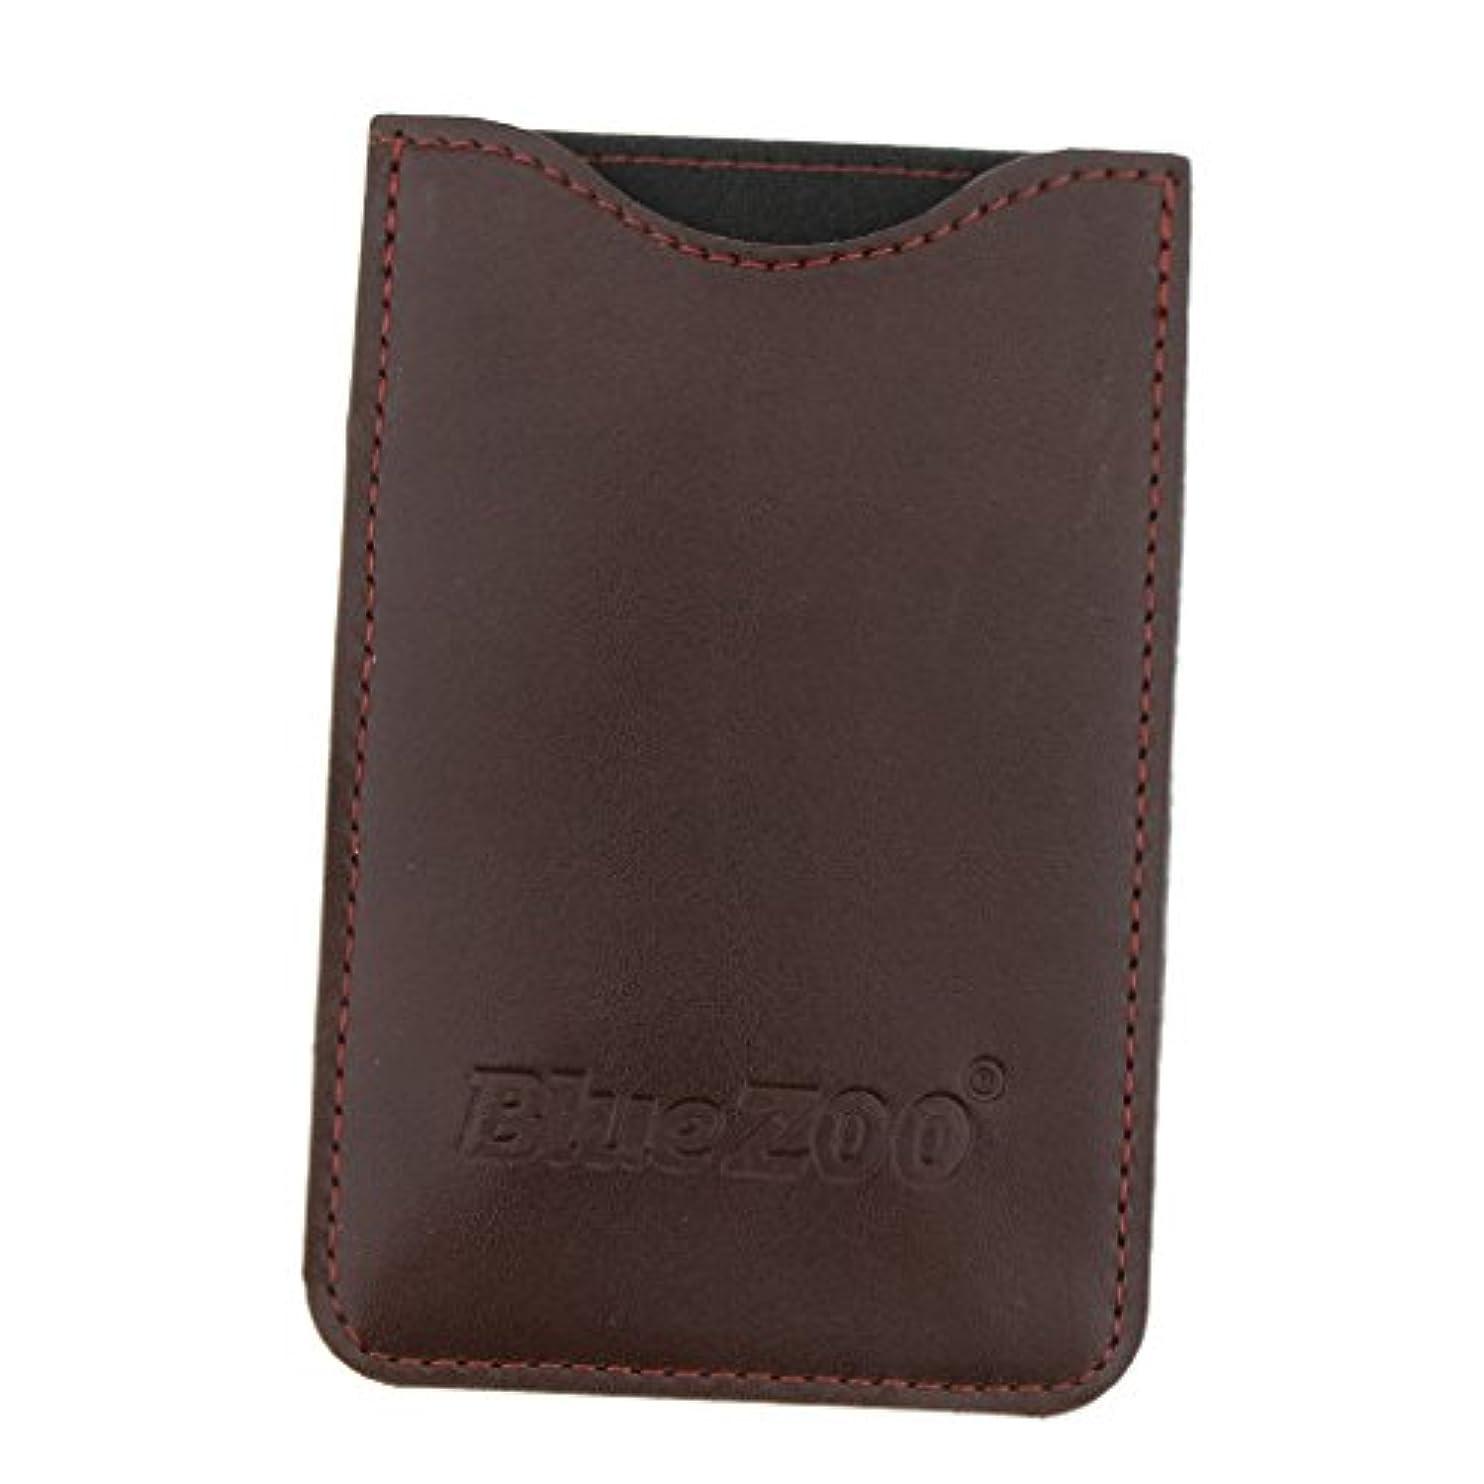 ひどいサーキットに行くインタビュー収納パック 収納ケース 保護カバー 櫛/名刺/IDカード/銀行カード 旅行 便利 全2色 - 褐色